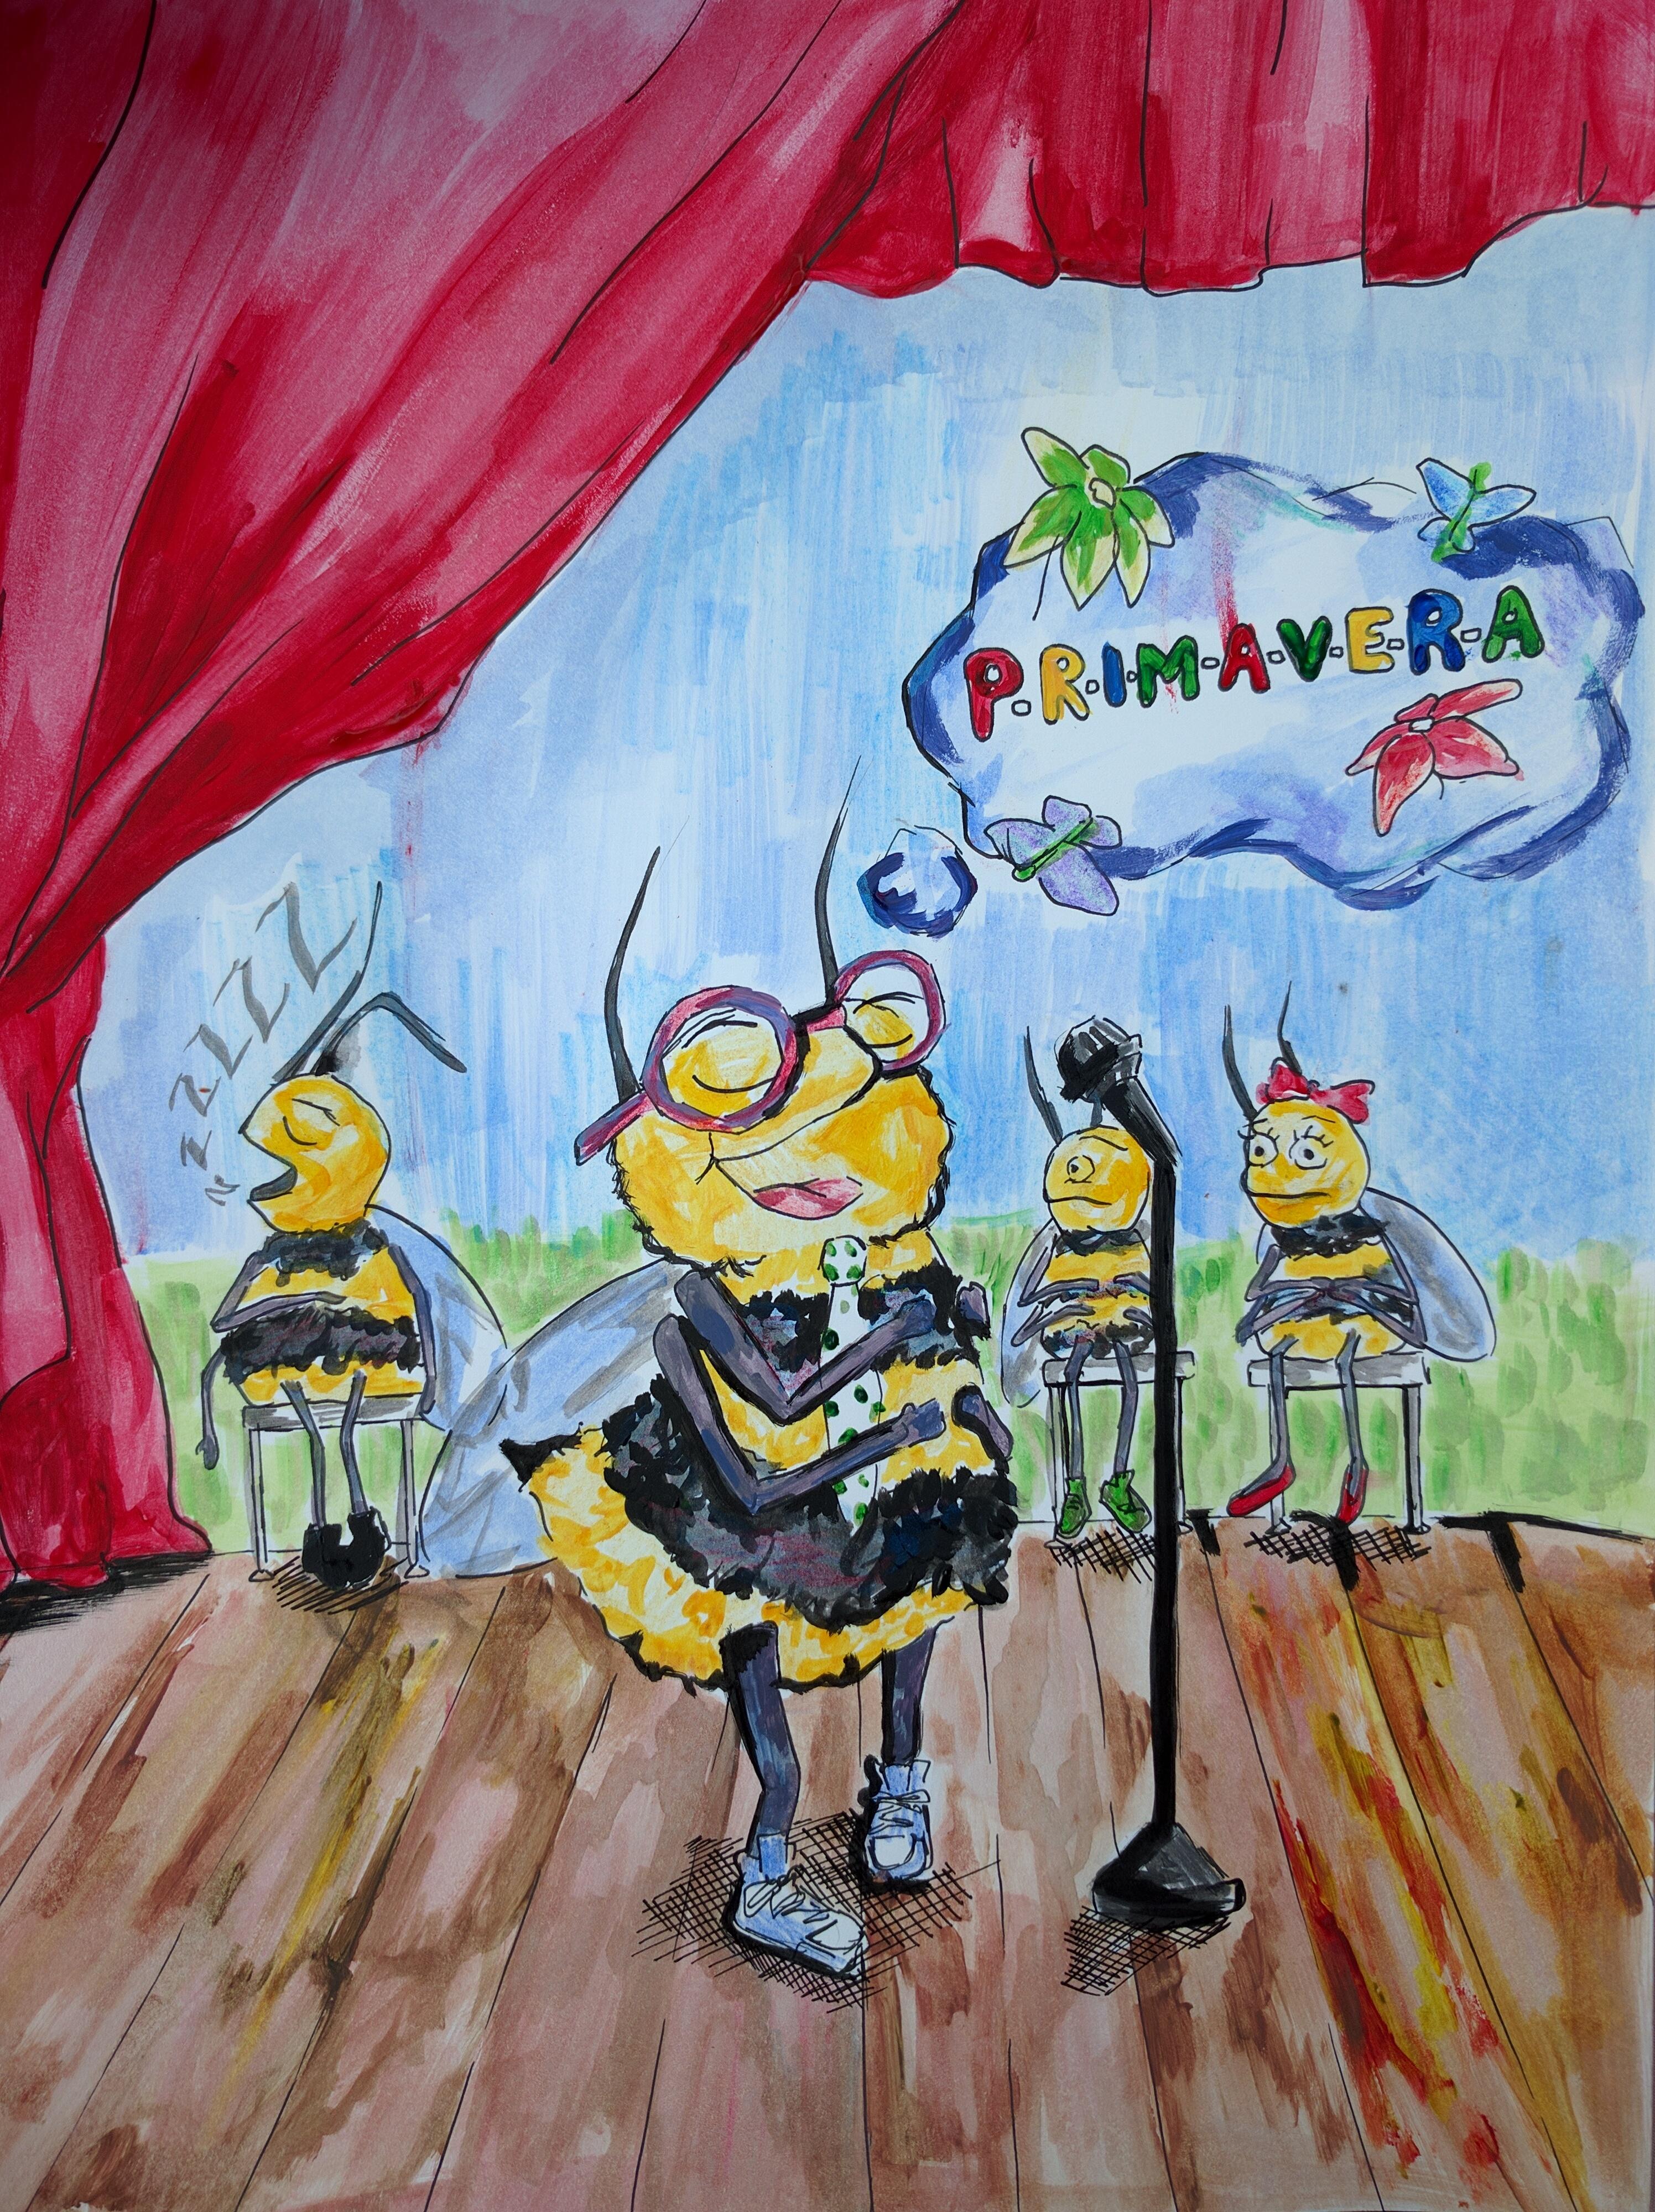 Imagen de la portada de La Voz de abril, por la estudiante de arte Maria Scrudato